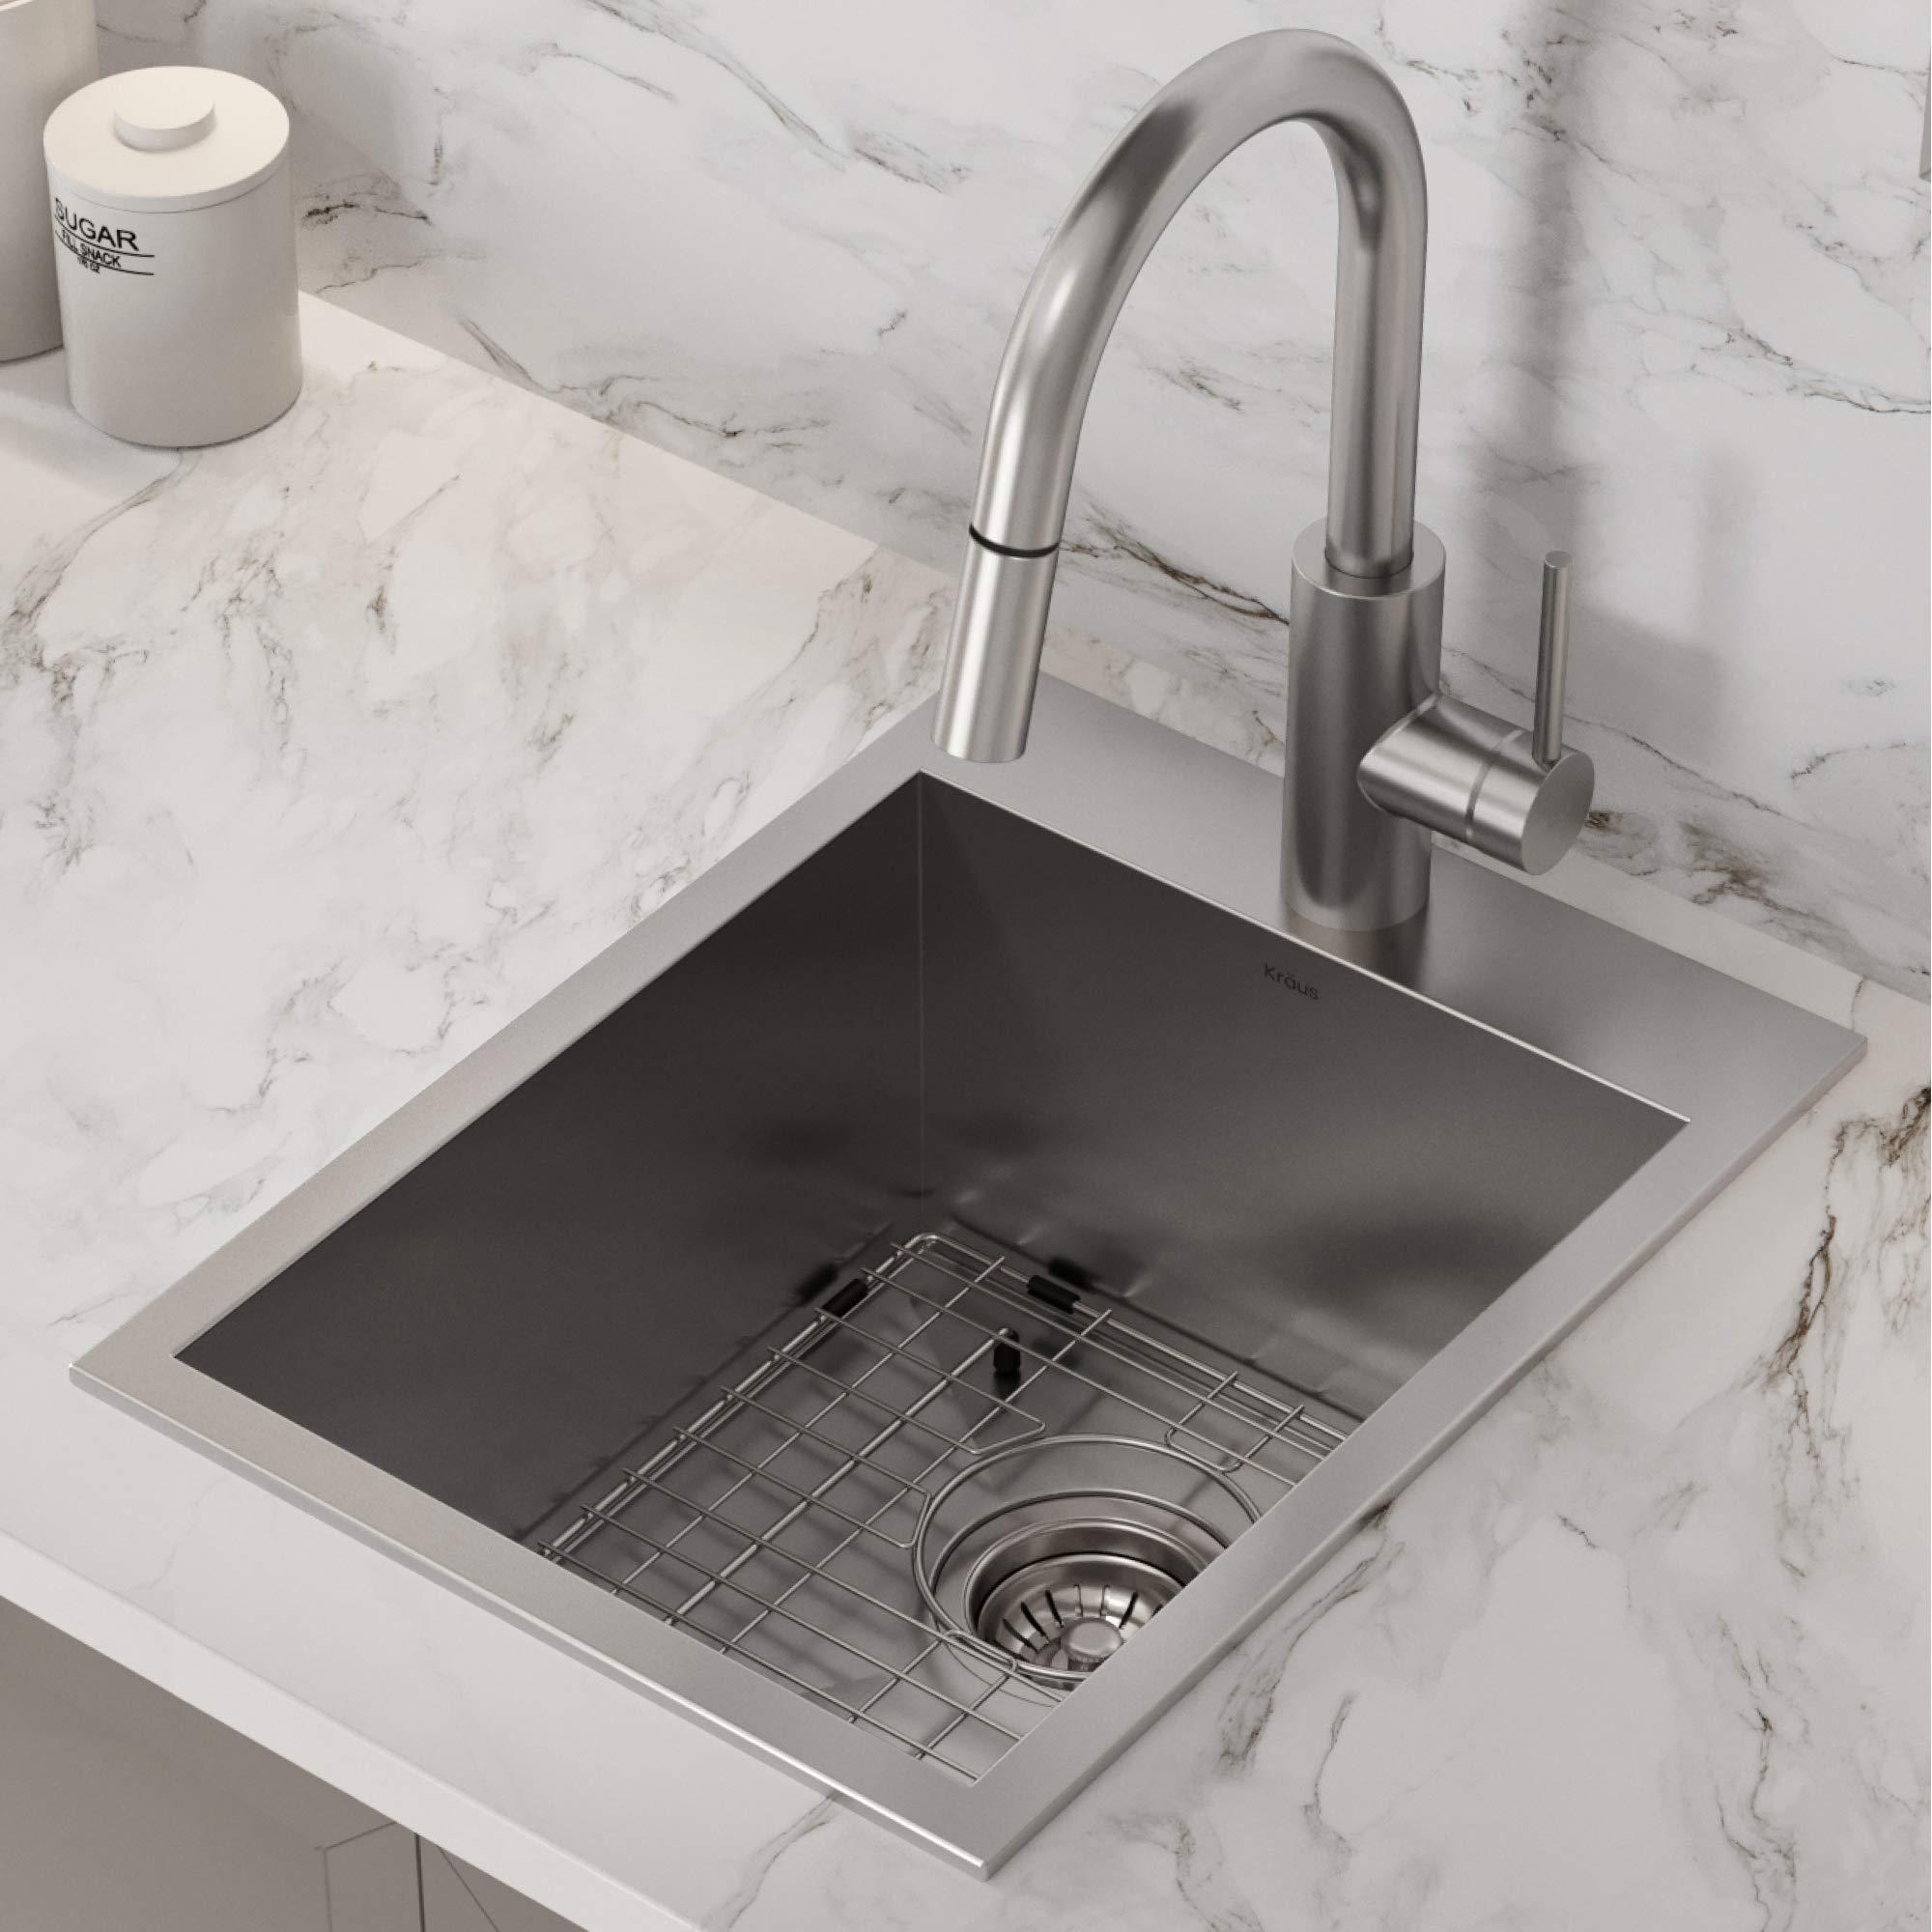 Kraus KP1TS15S-1 Pax Kitchen Sink, 15'' x 20'' x 9'' 1 Hole